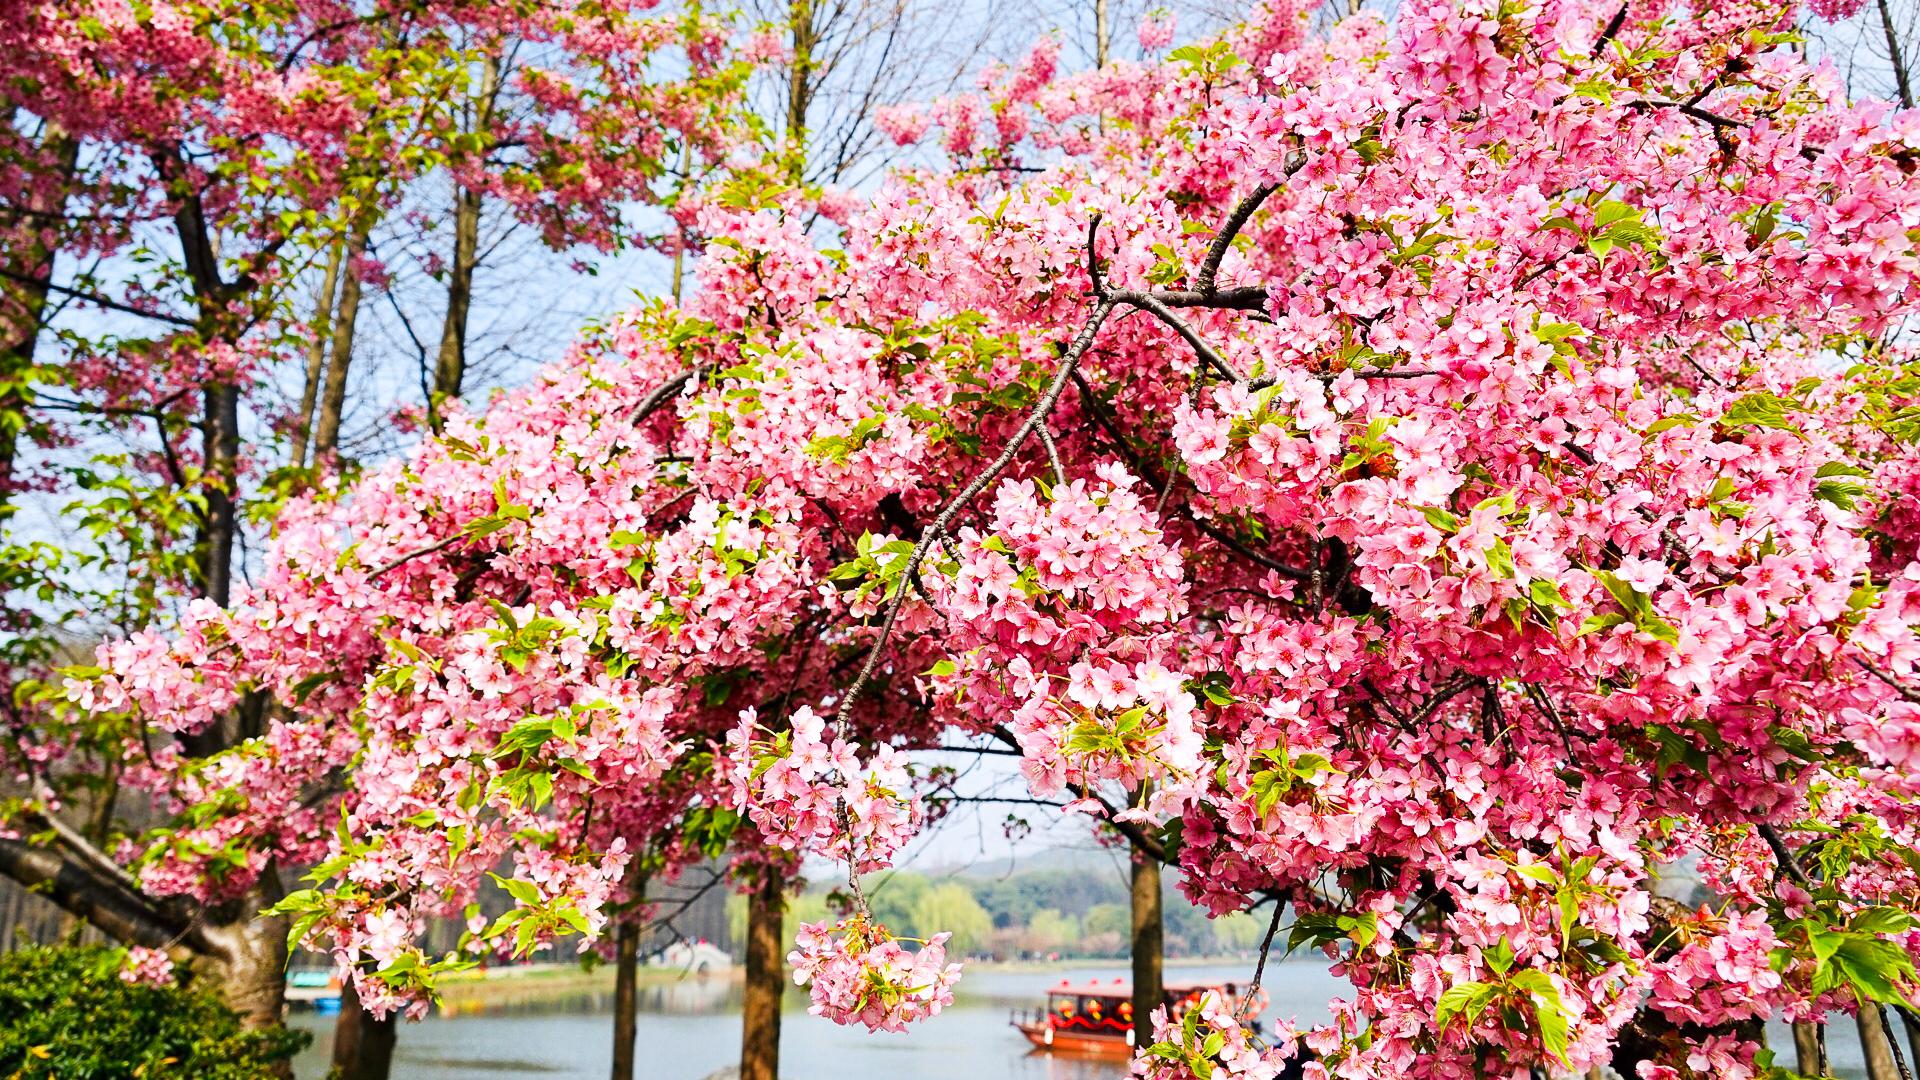 无锡最佳两处踏青胜地:一个是国内著名赏花景区,一个花开满春季